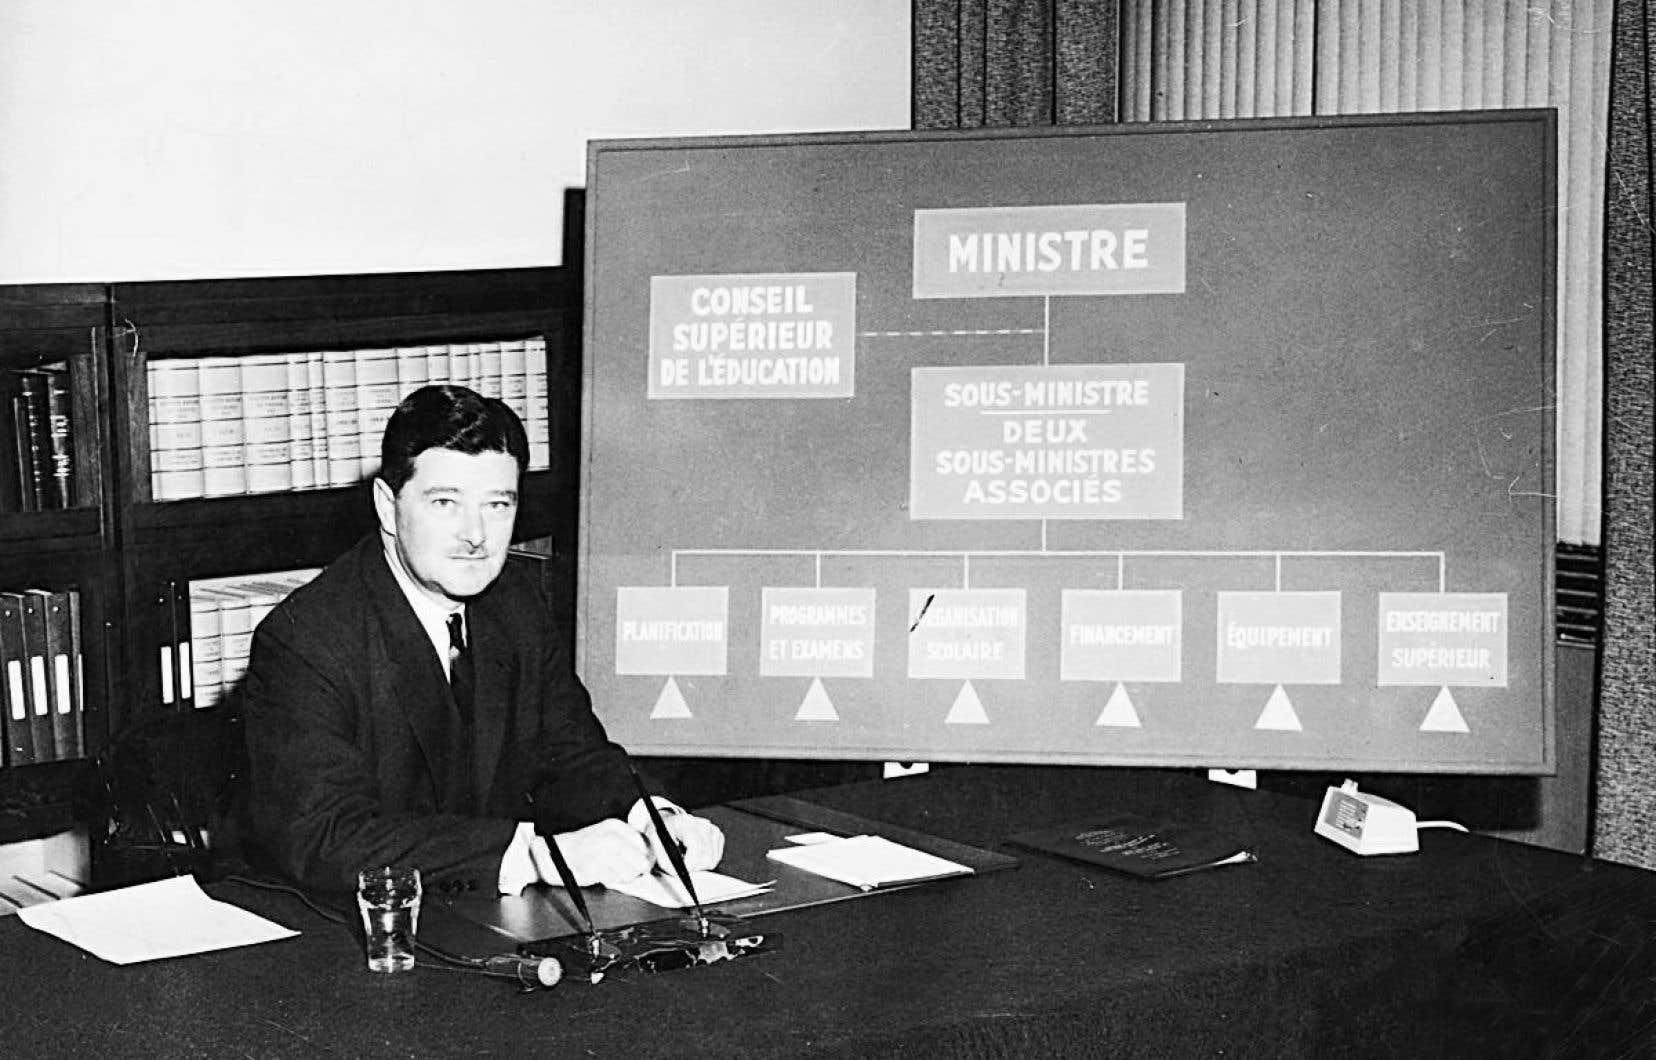 Paul Gérin-Lajoie lors de l'explication des structures supérieures du nouveau ministère de l'Éducation, le 20 mai 1964